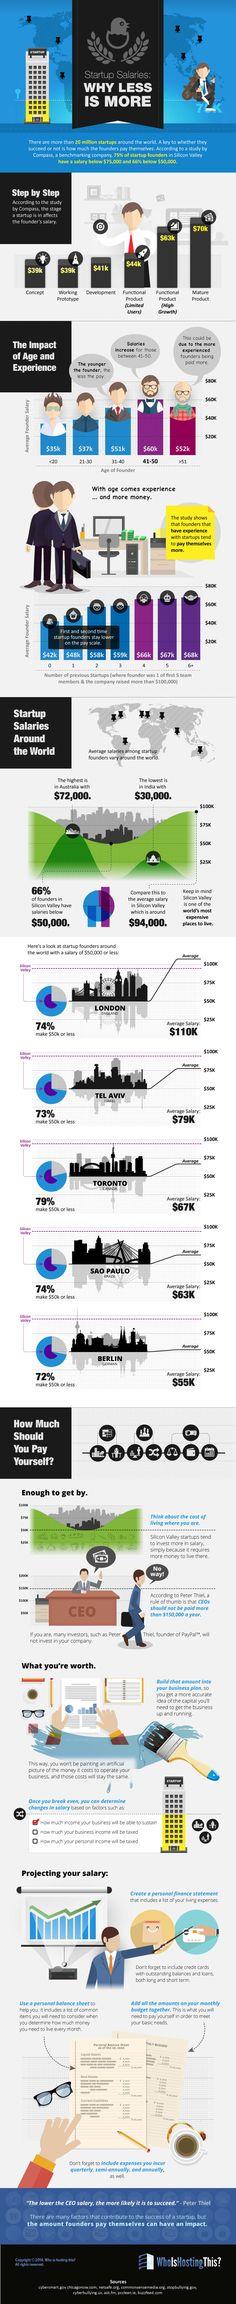 Salarios en Startups: cuando menos es más.